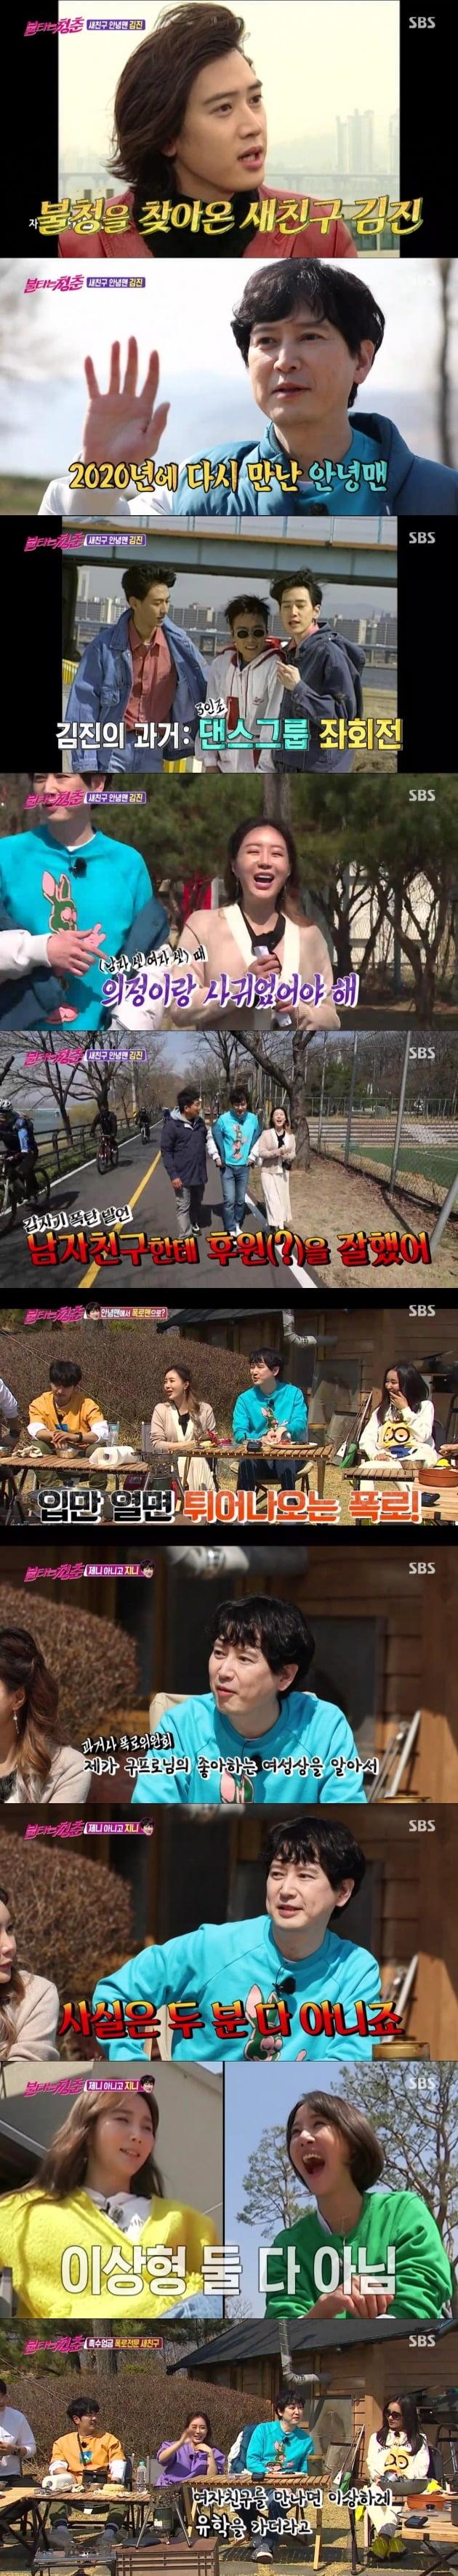 김진이 '불타는 청춘'에 새 친구로 등장했다. / 사진=SBS '불타는 청춘' 방송 캡처